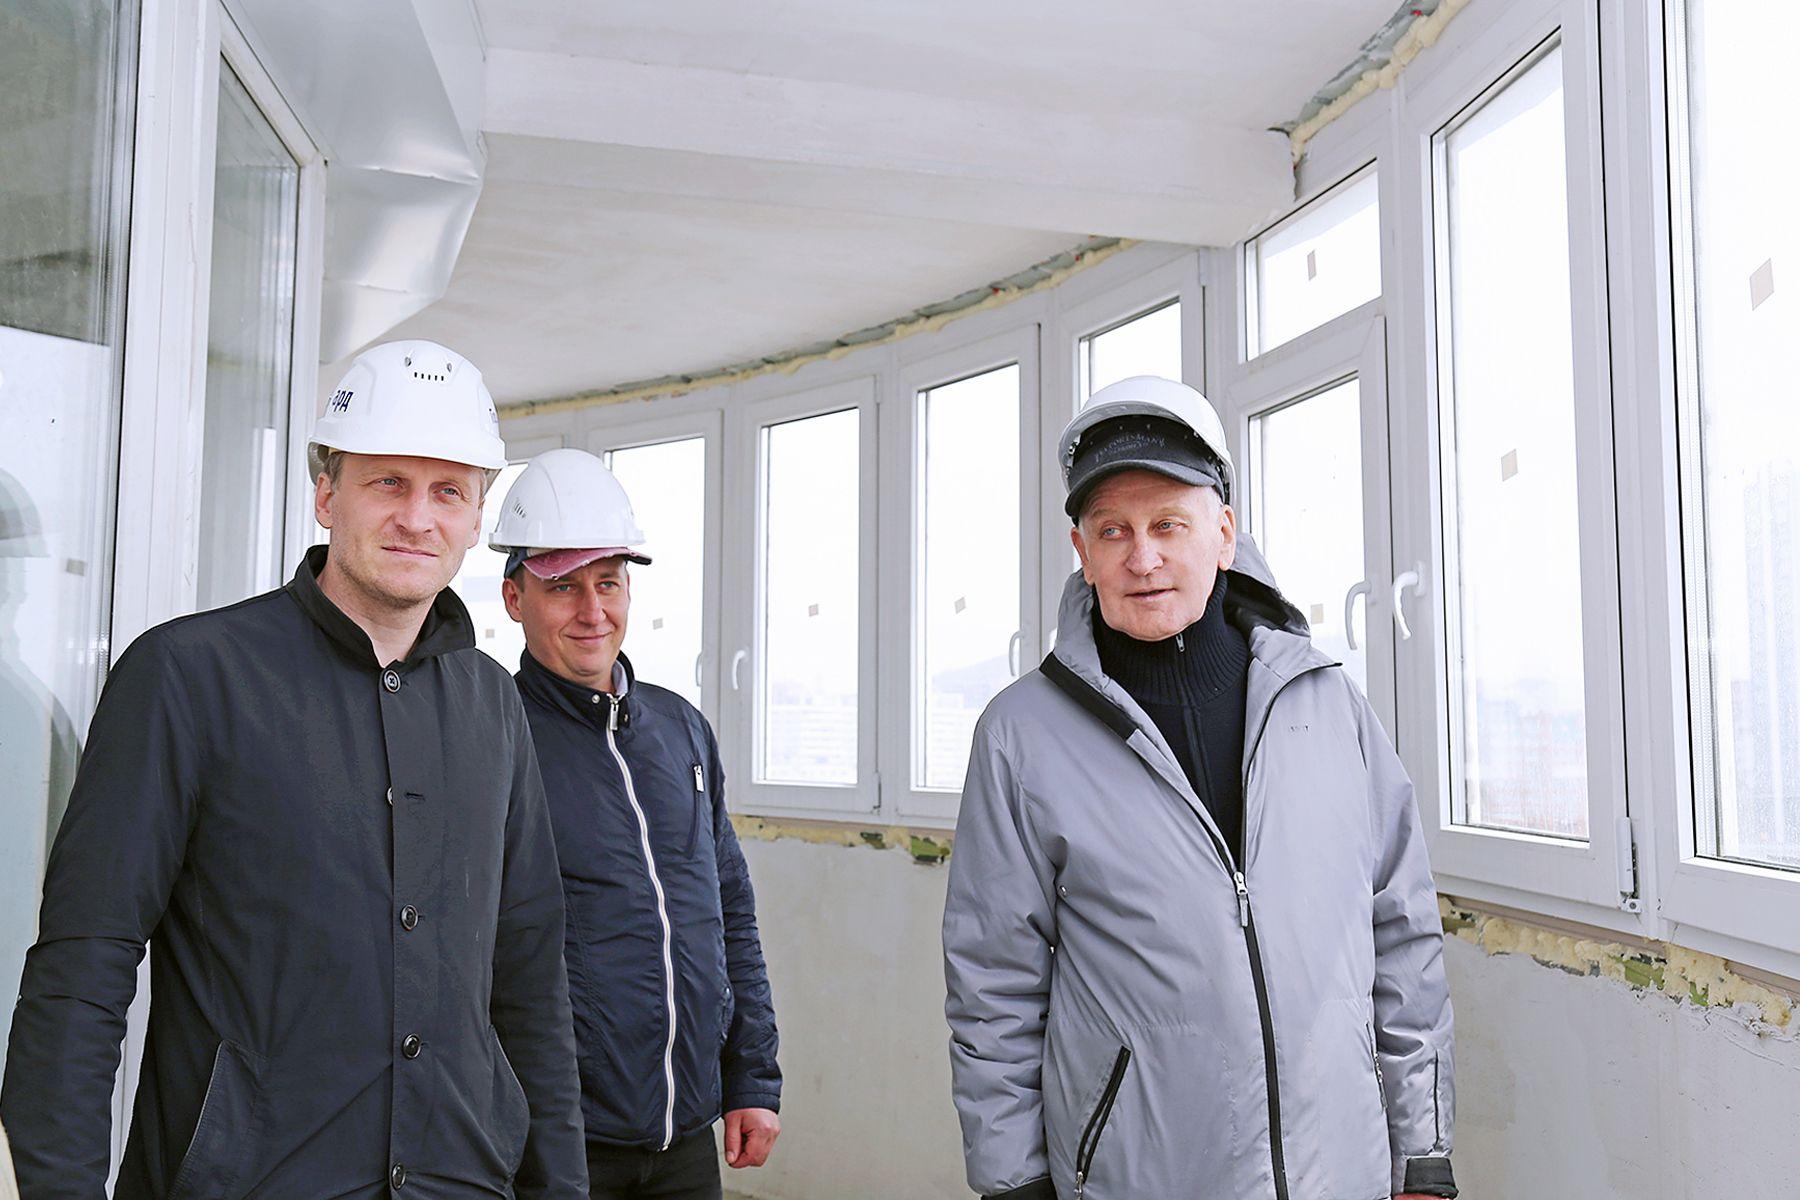 Пространство и свет: в новом доме ВГУЭС уже можно оценить конструктивные решения квартир и качество отделки